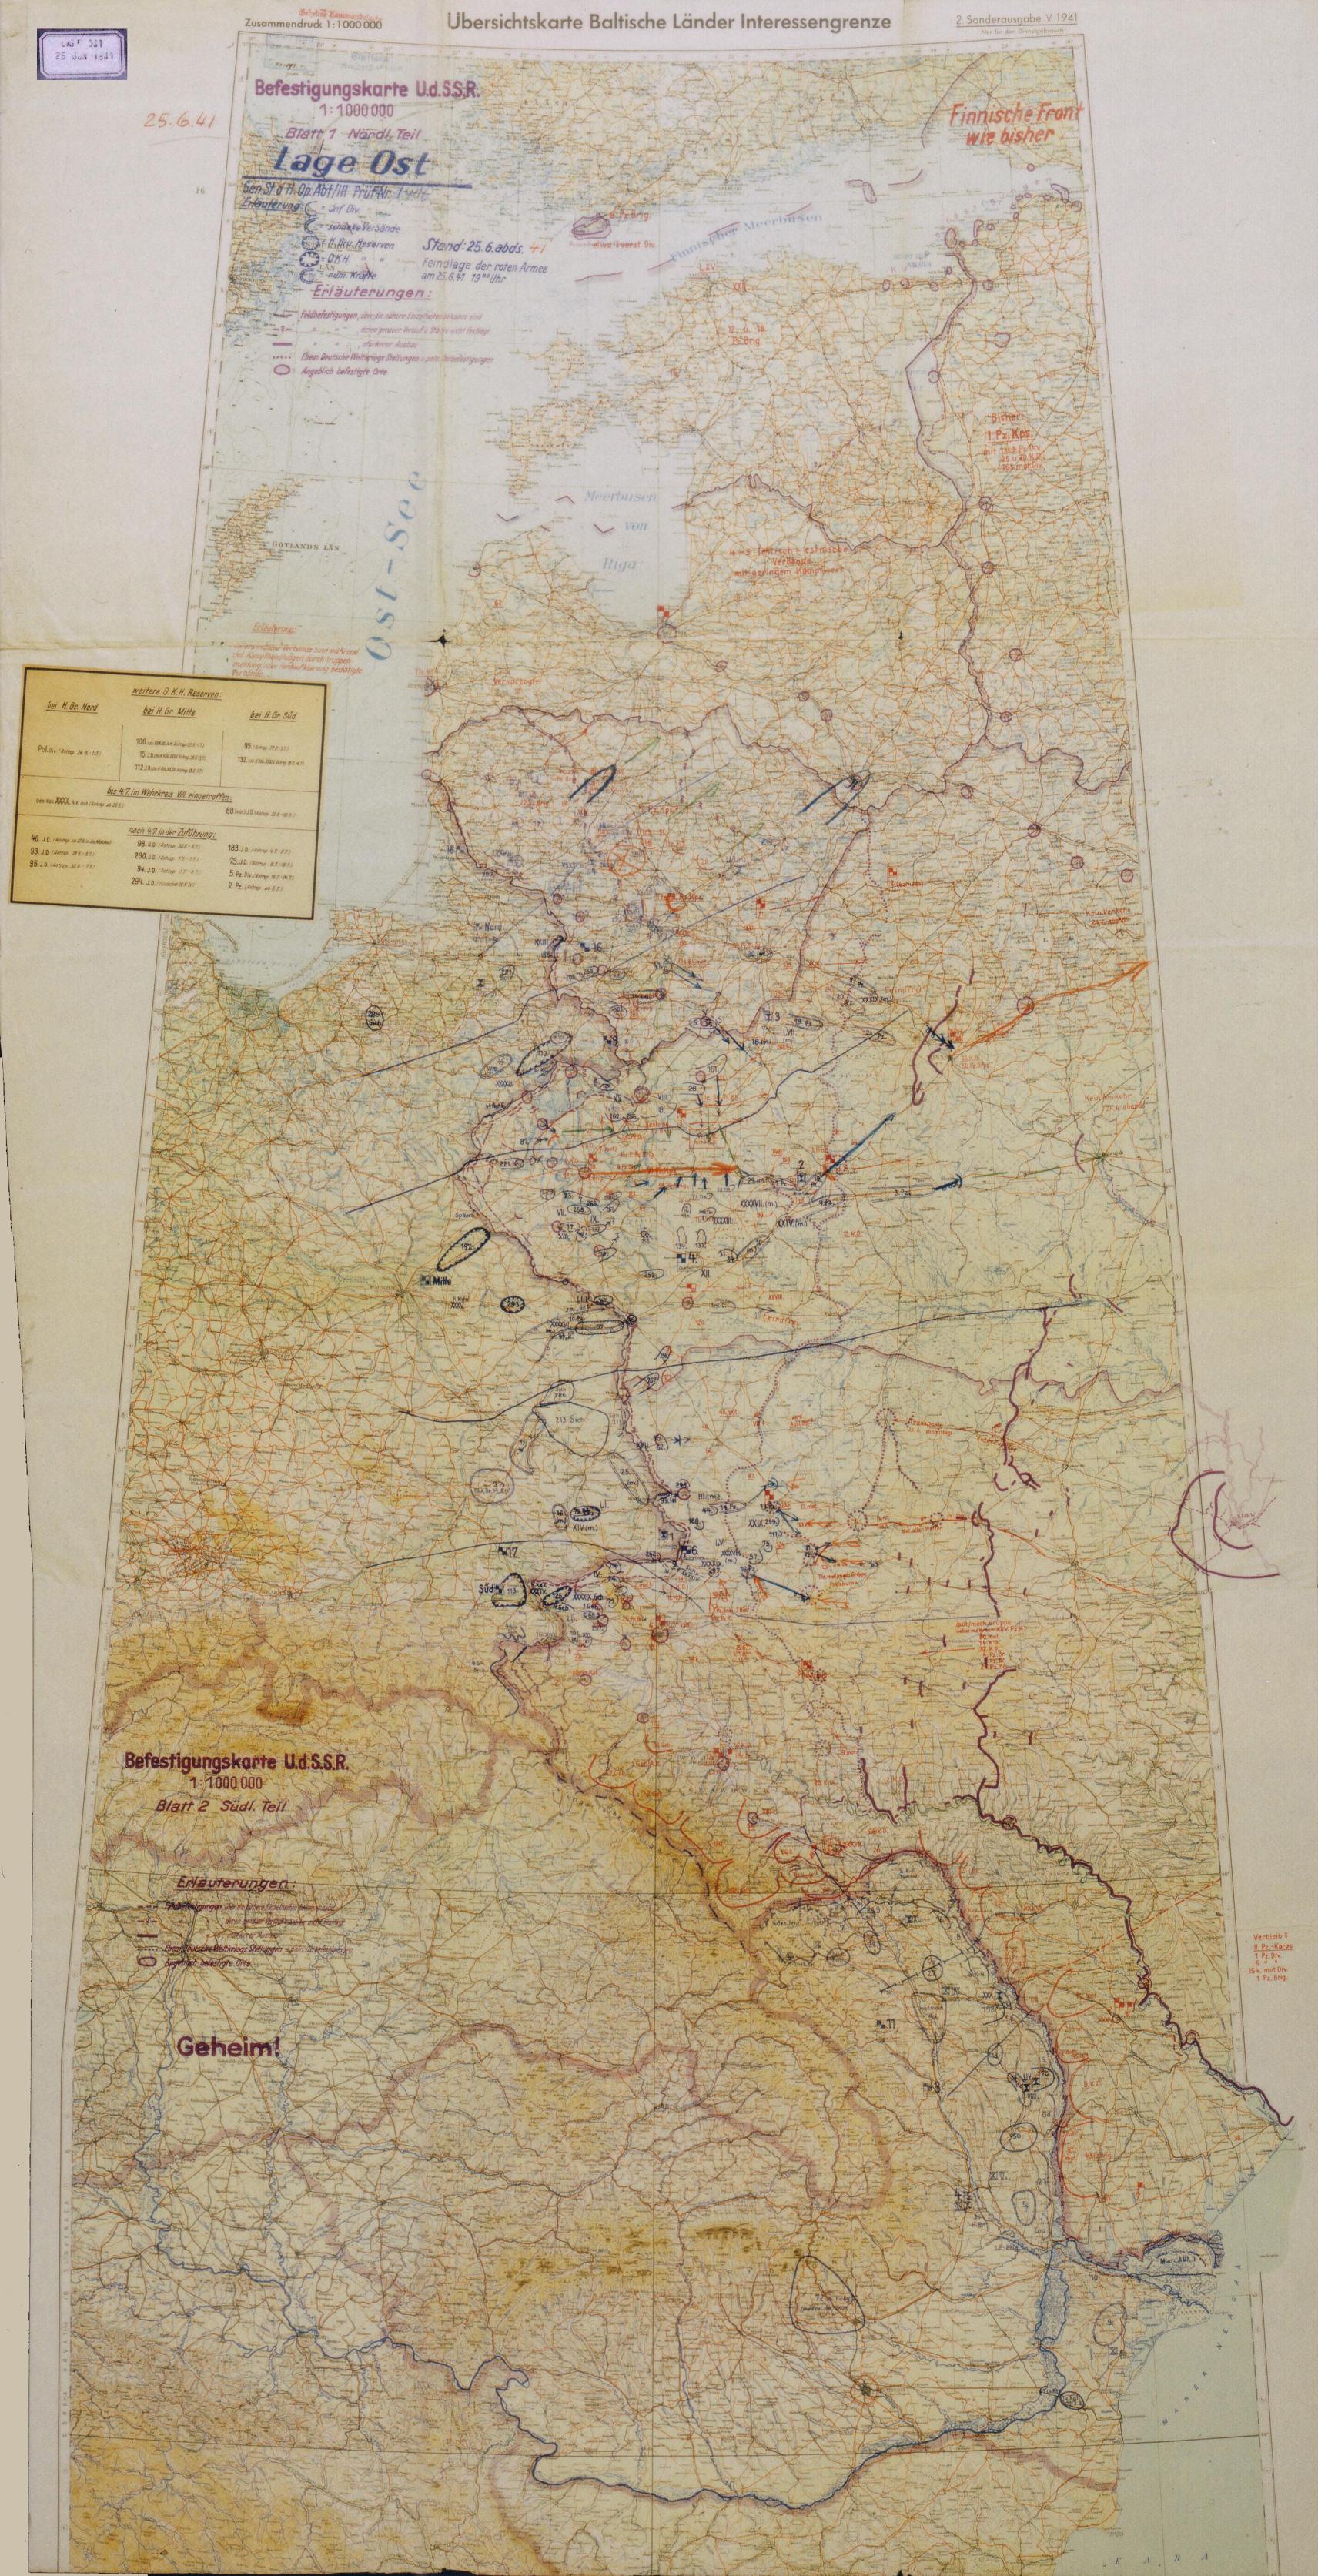 Карта немецкого генштаба. Общее положение на фронте 25 июня 1941 года.